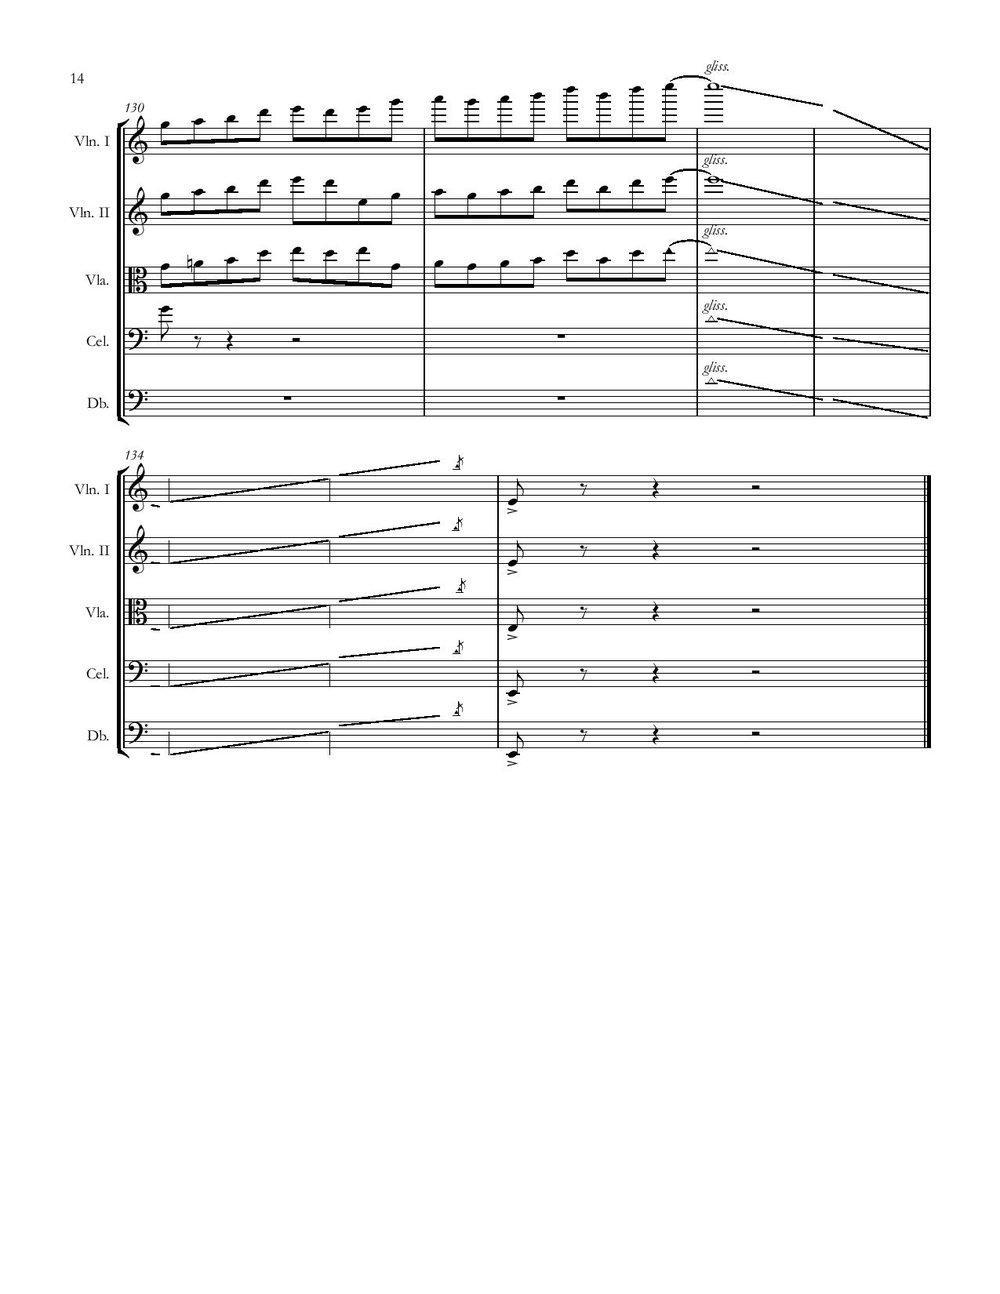 White Noise - Full Score-page-016.jpg